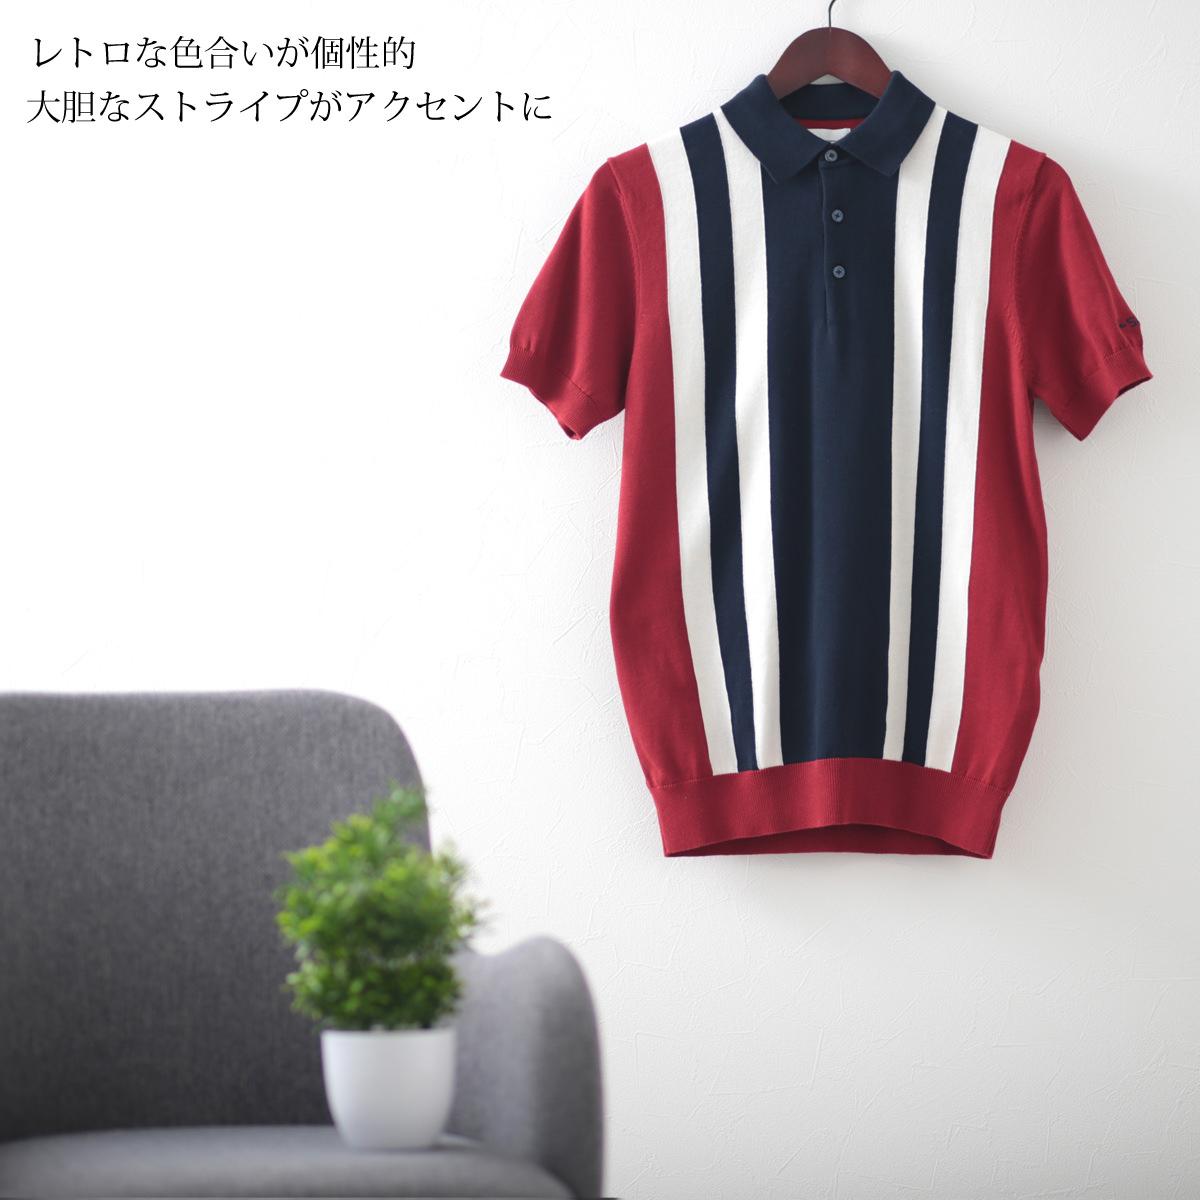 ベンシャーマン メンズ ポロシャツ ニット ポロ カラー ブロック Ben Sherman レッド ネイビー レギュラー フィット